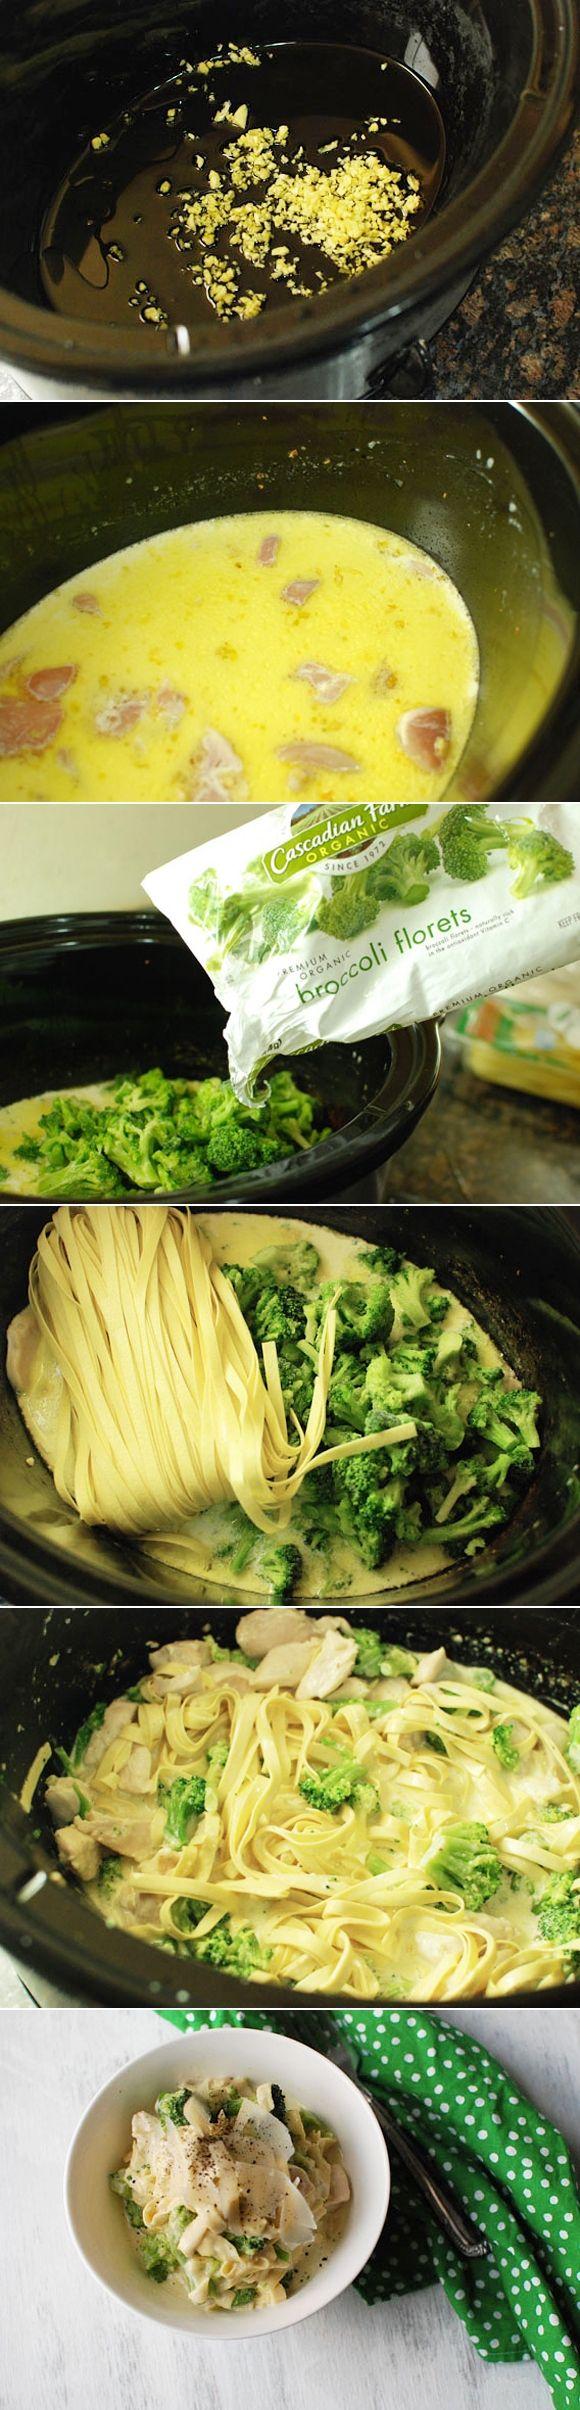 Slow Cooker Chicken Fettuccine Alfredo: Crock Pots, Slow Cooking, Slow ...